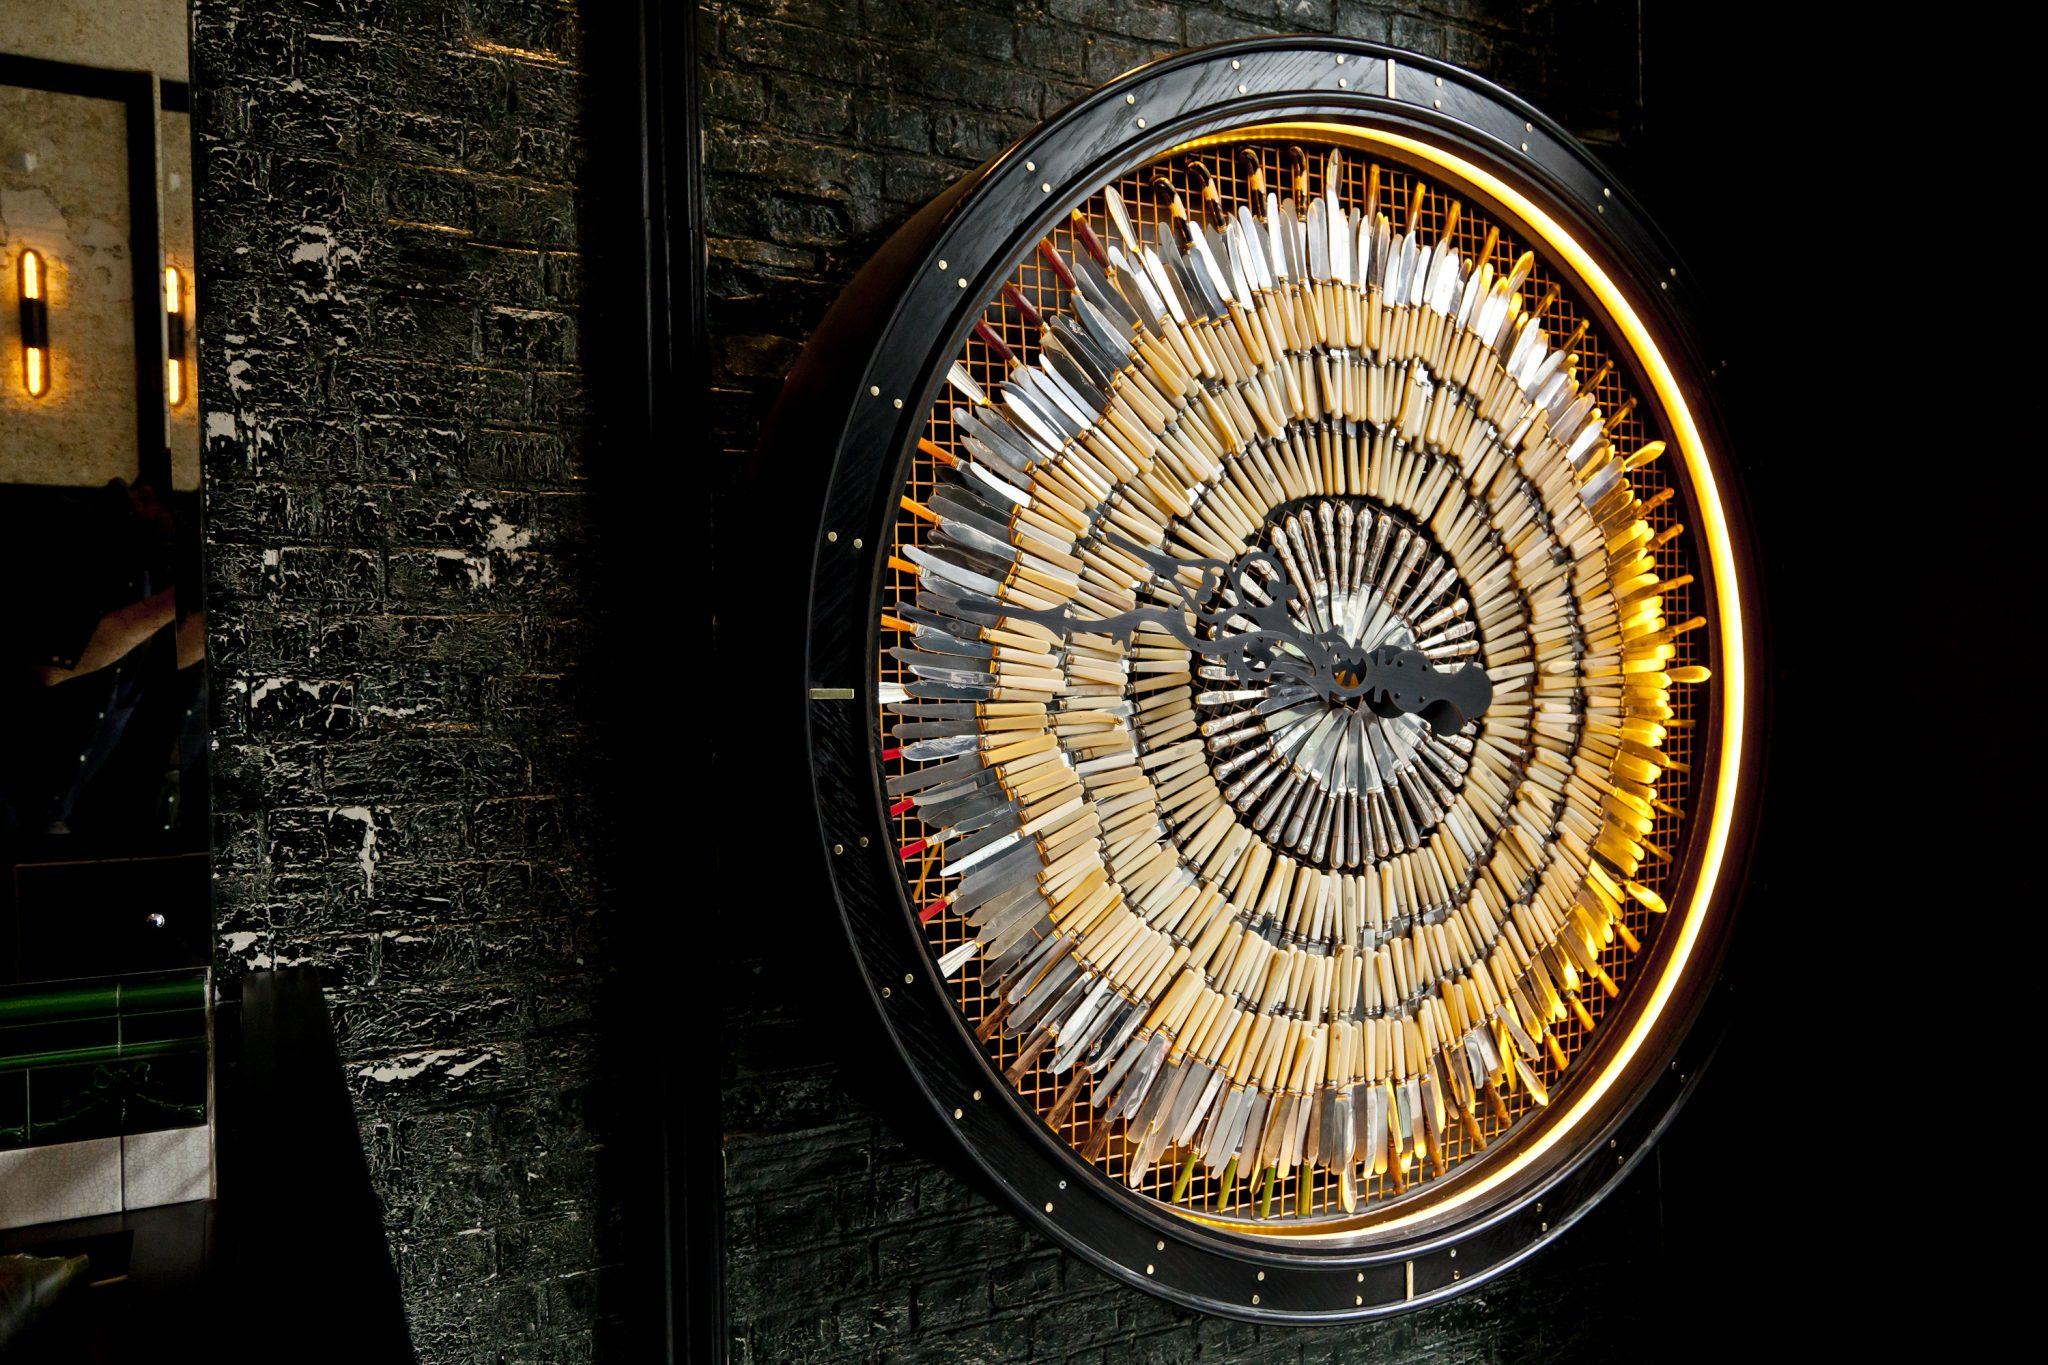 Treadwell's Clock (1)